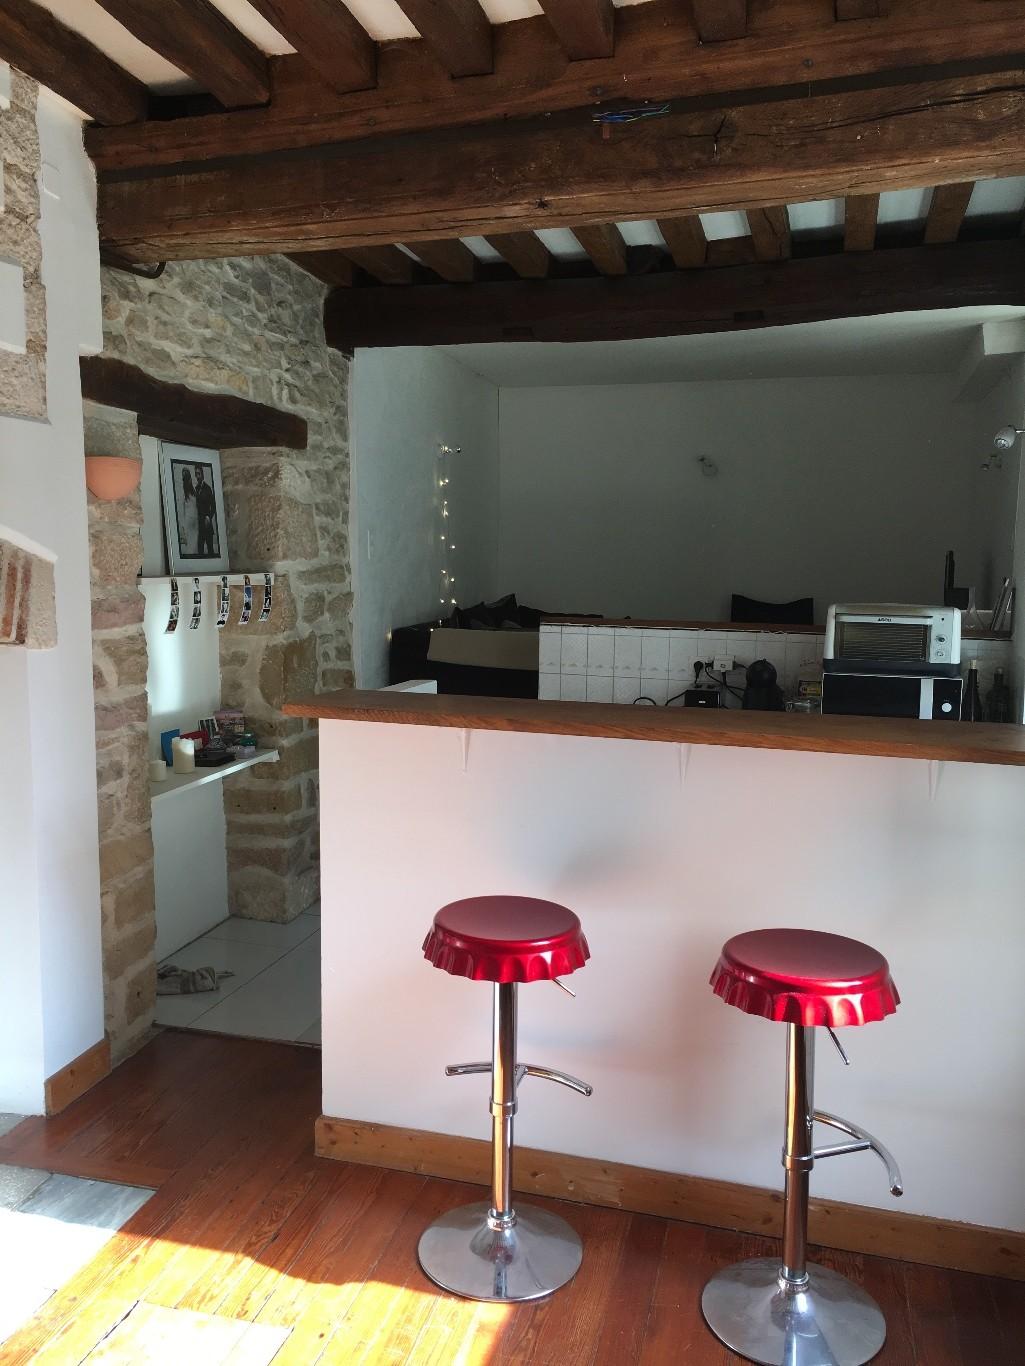 Location appartement Dijon : passez des annonces efficaces